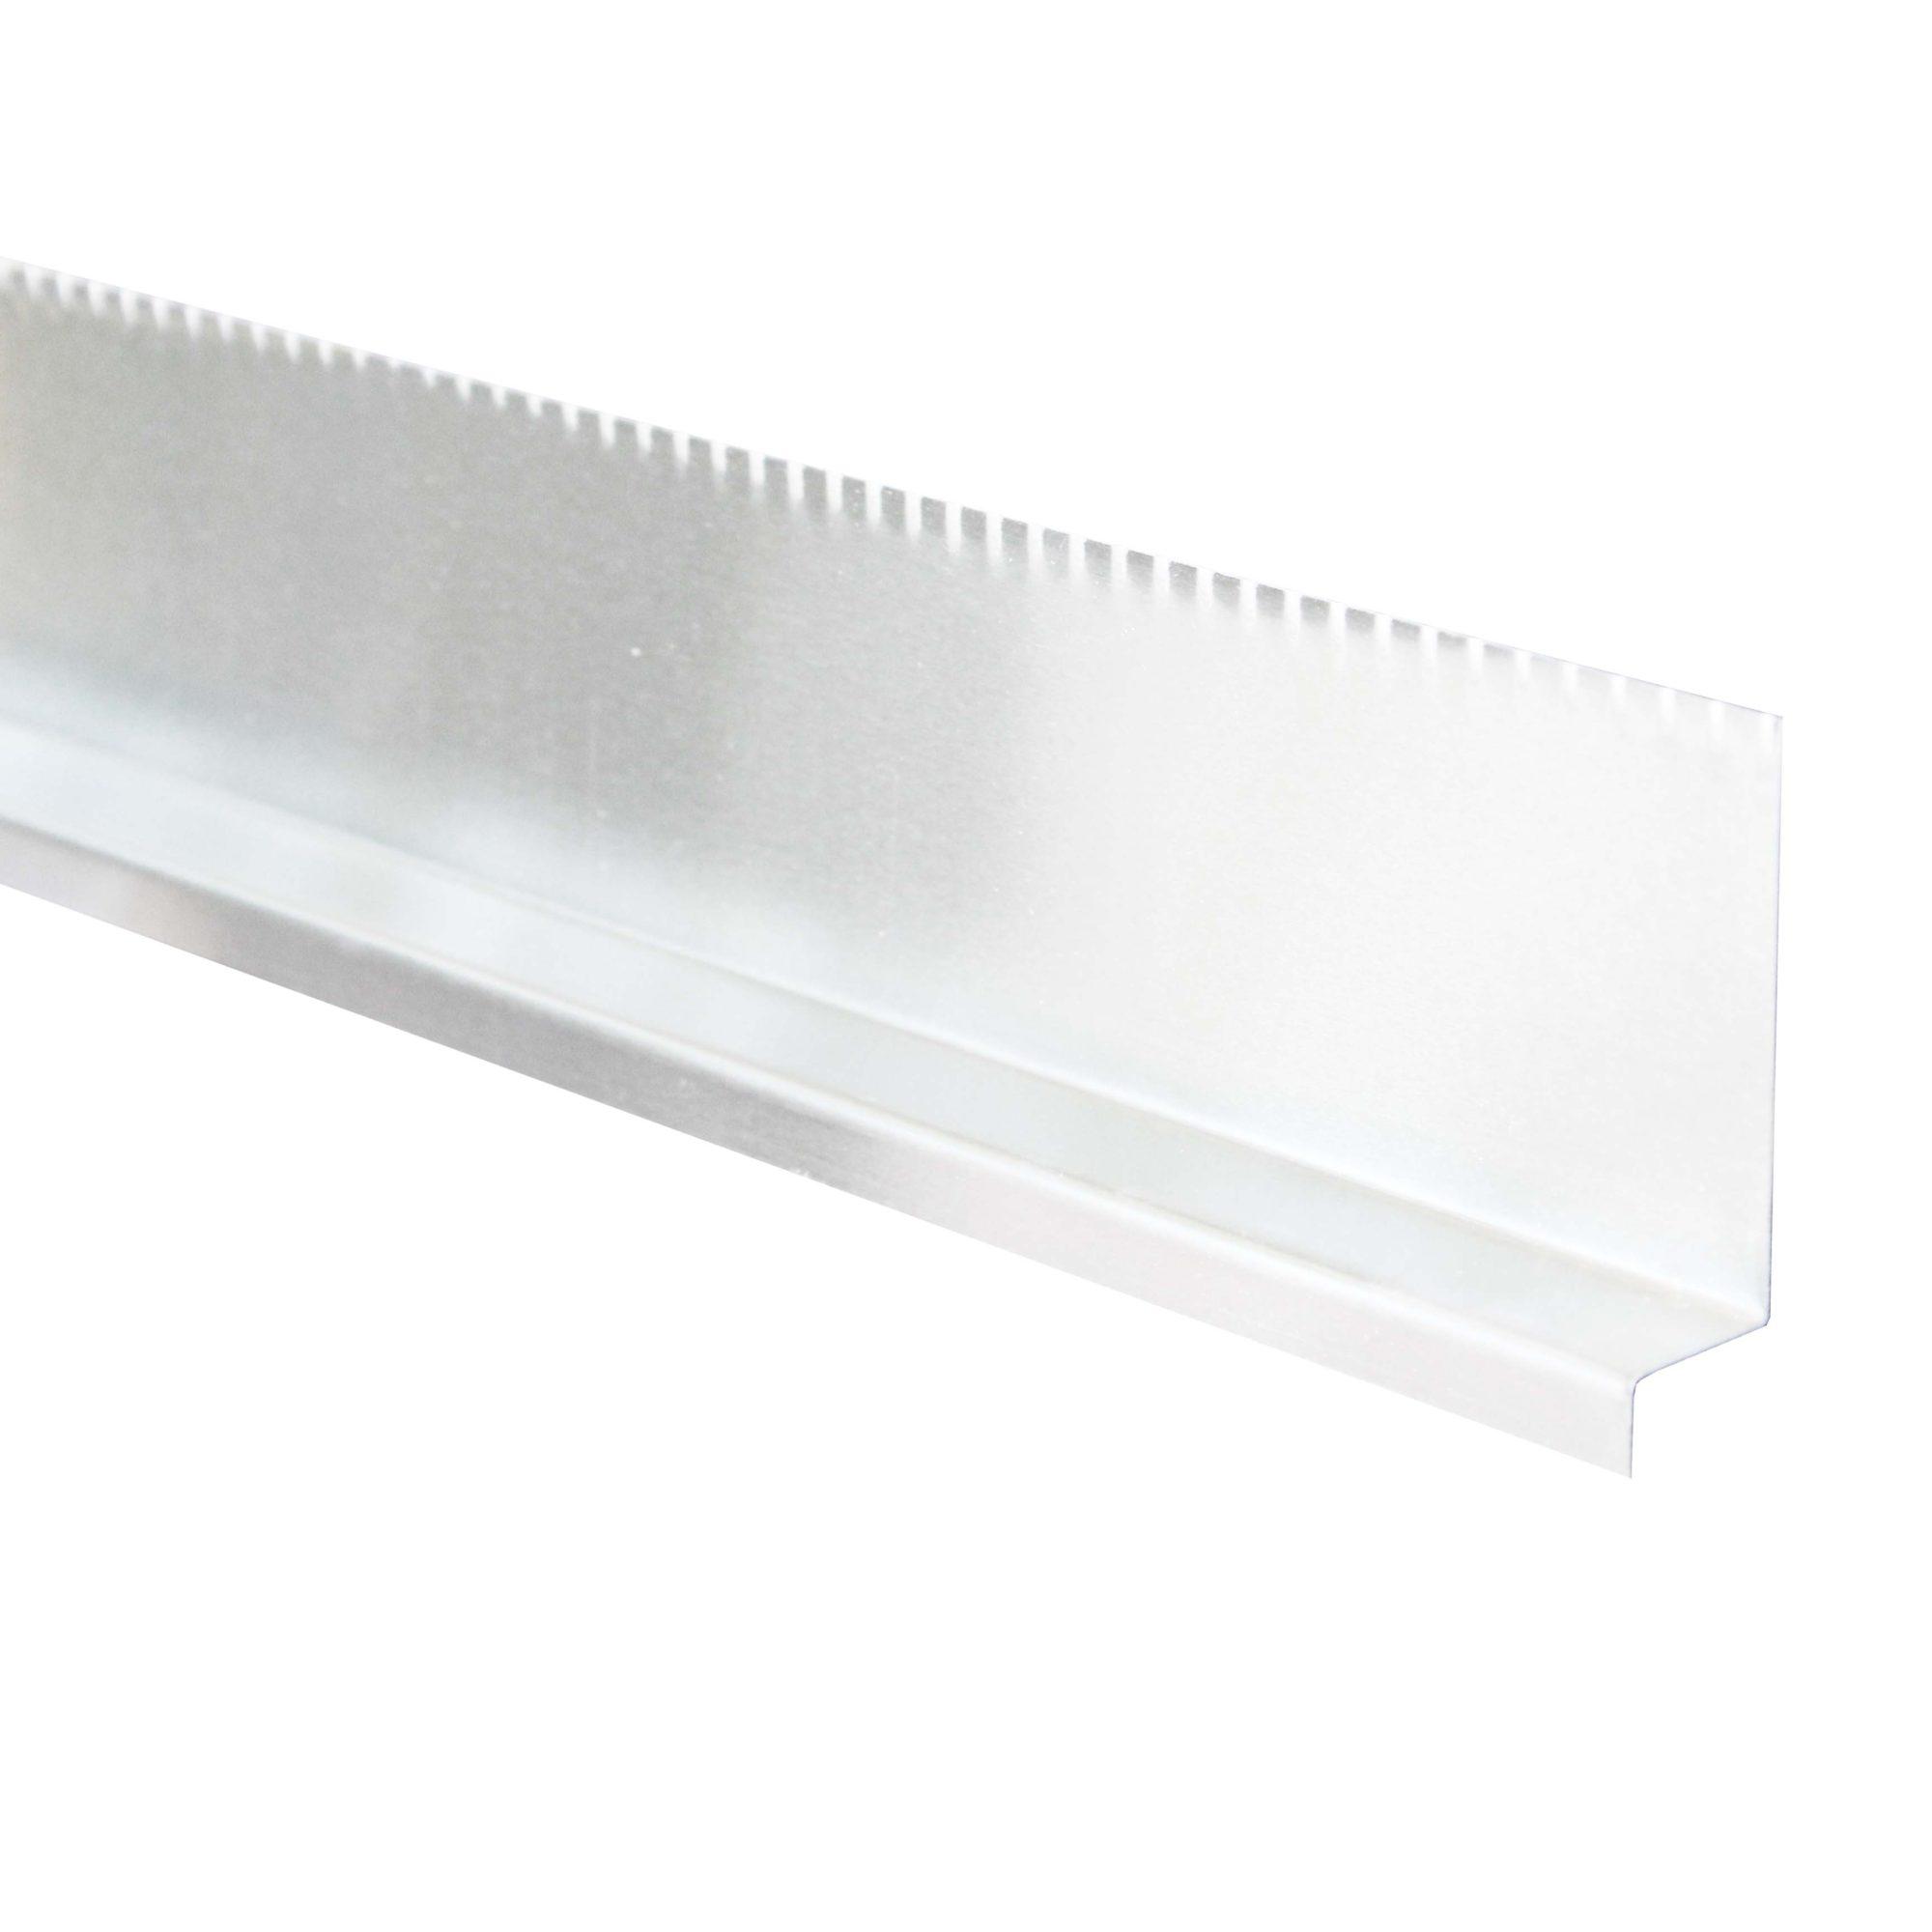 T1-11 Flashing Z Bar White